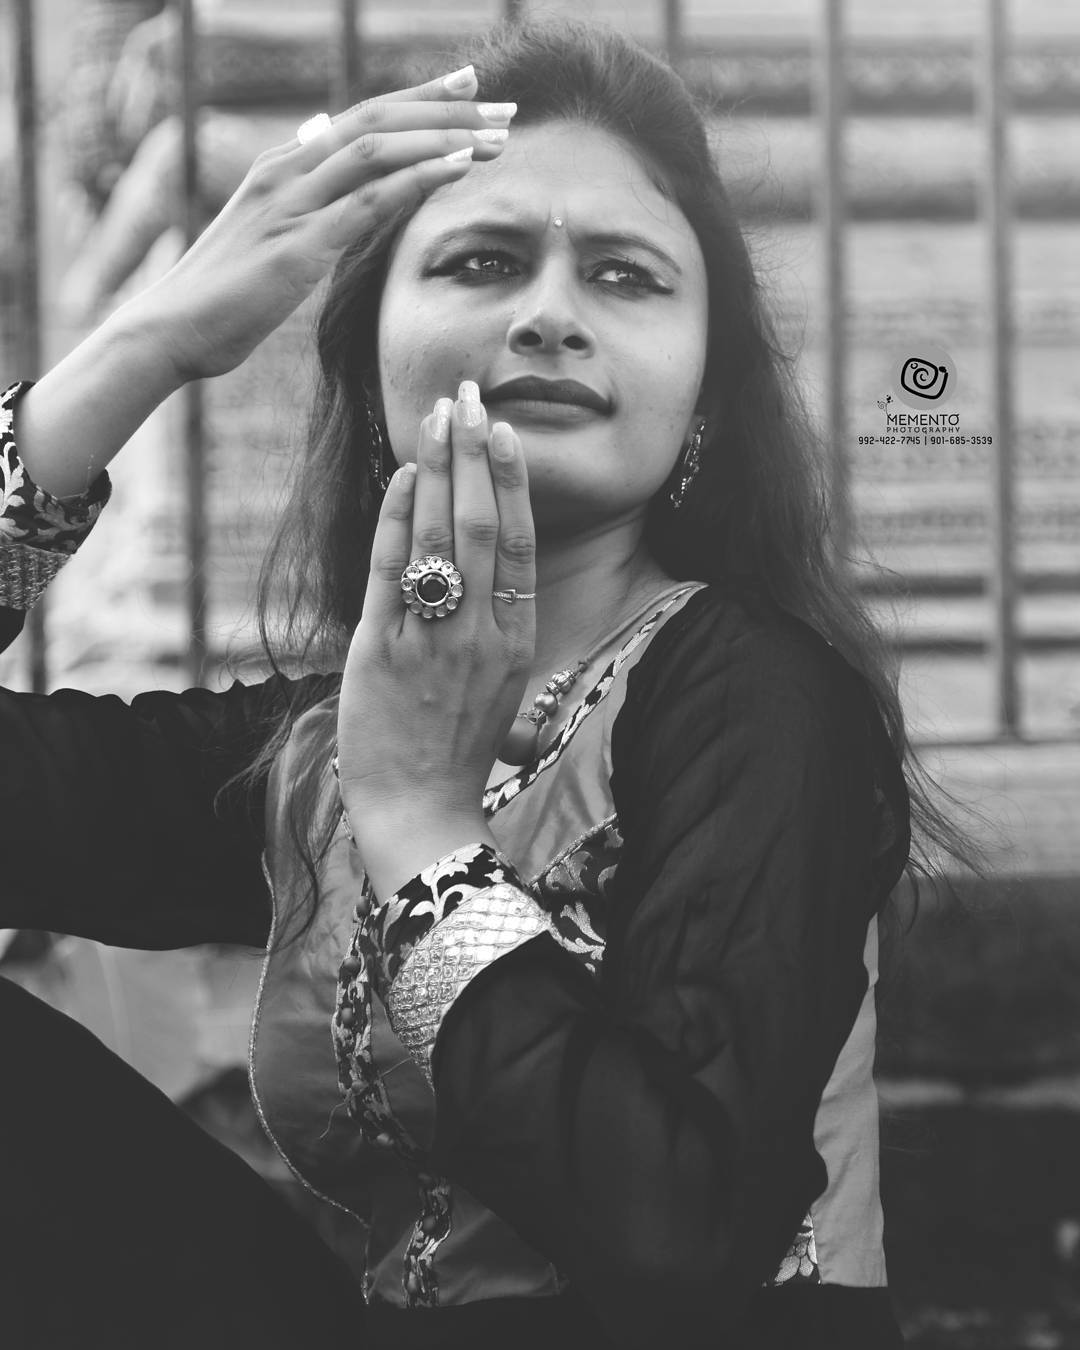 Outdoor Portfolio/catalog shoot / modeling portrait .  #portfolioshoot #womensportrait #catalogshoot #ahmedabadfashion #ahmedabadfashionblogger  #ahmedabadfashionpalette #printshoot #womensportraiture #beautifulwomen #girlsportrait #photoholic #portfolioshoot  #folioshoot  #girlsfashions  #portraitphotography #portrait #fashionphotography #FashionShoot #ahmedabad #photography #picoftheday #modelpose #modelphotography #AhmedabadPhotography #shootout_ahmedabad #indianfashionblogger #fashionblogger  #ahmedabaddiaries #urbanfashion #ahmedabadshoutout #MementoPhotography